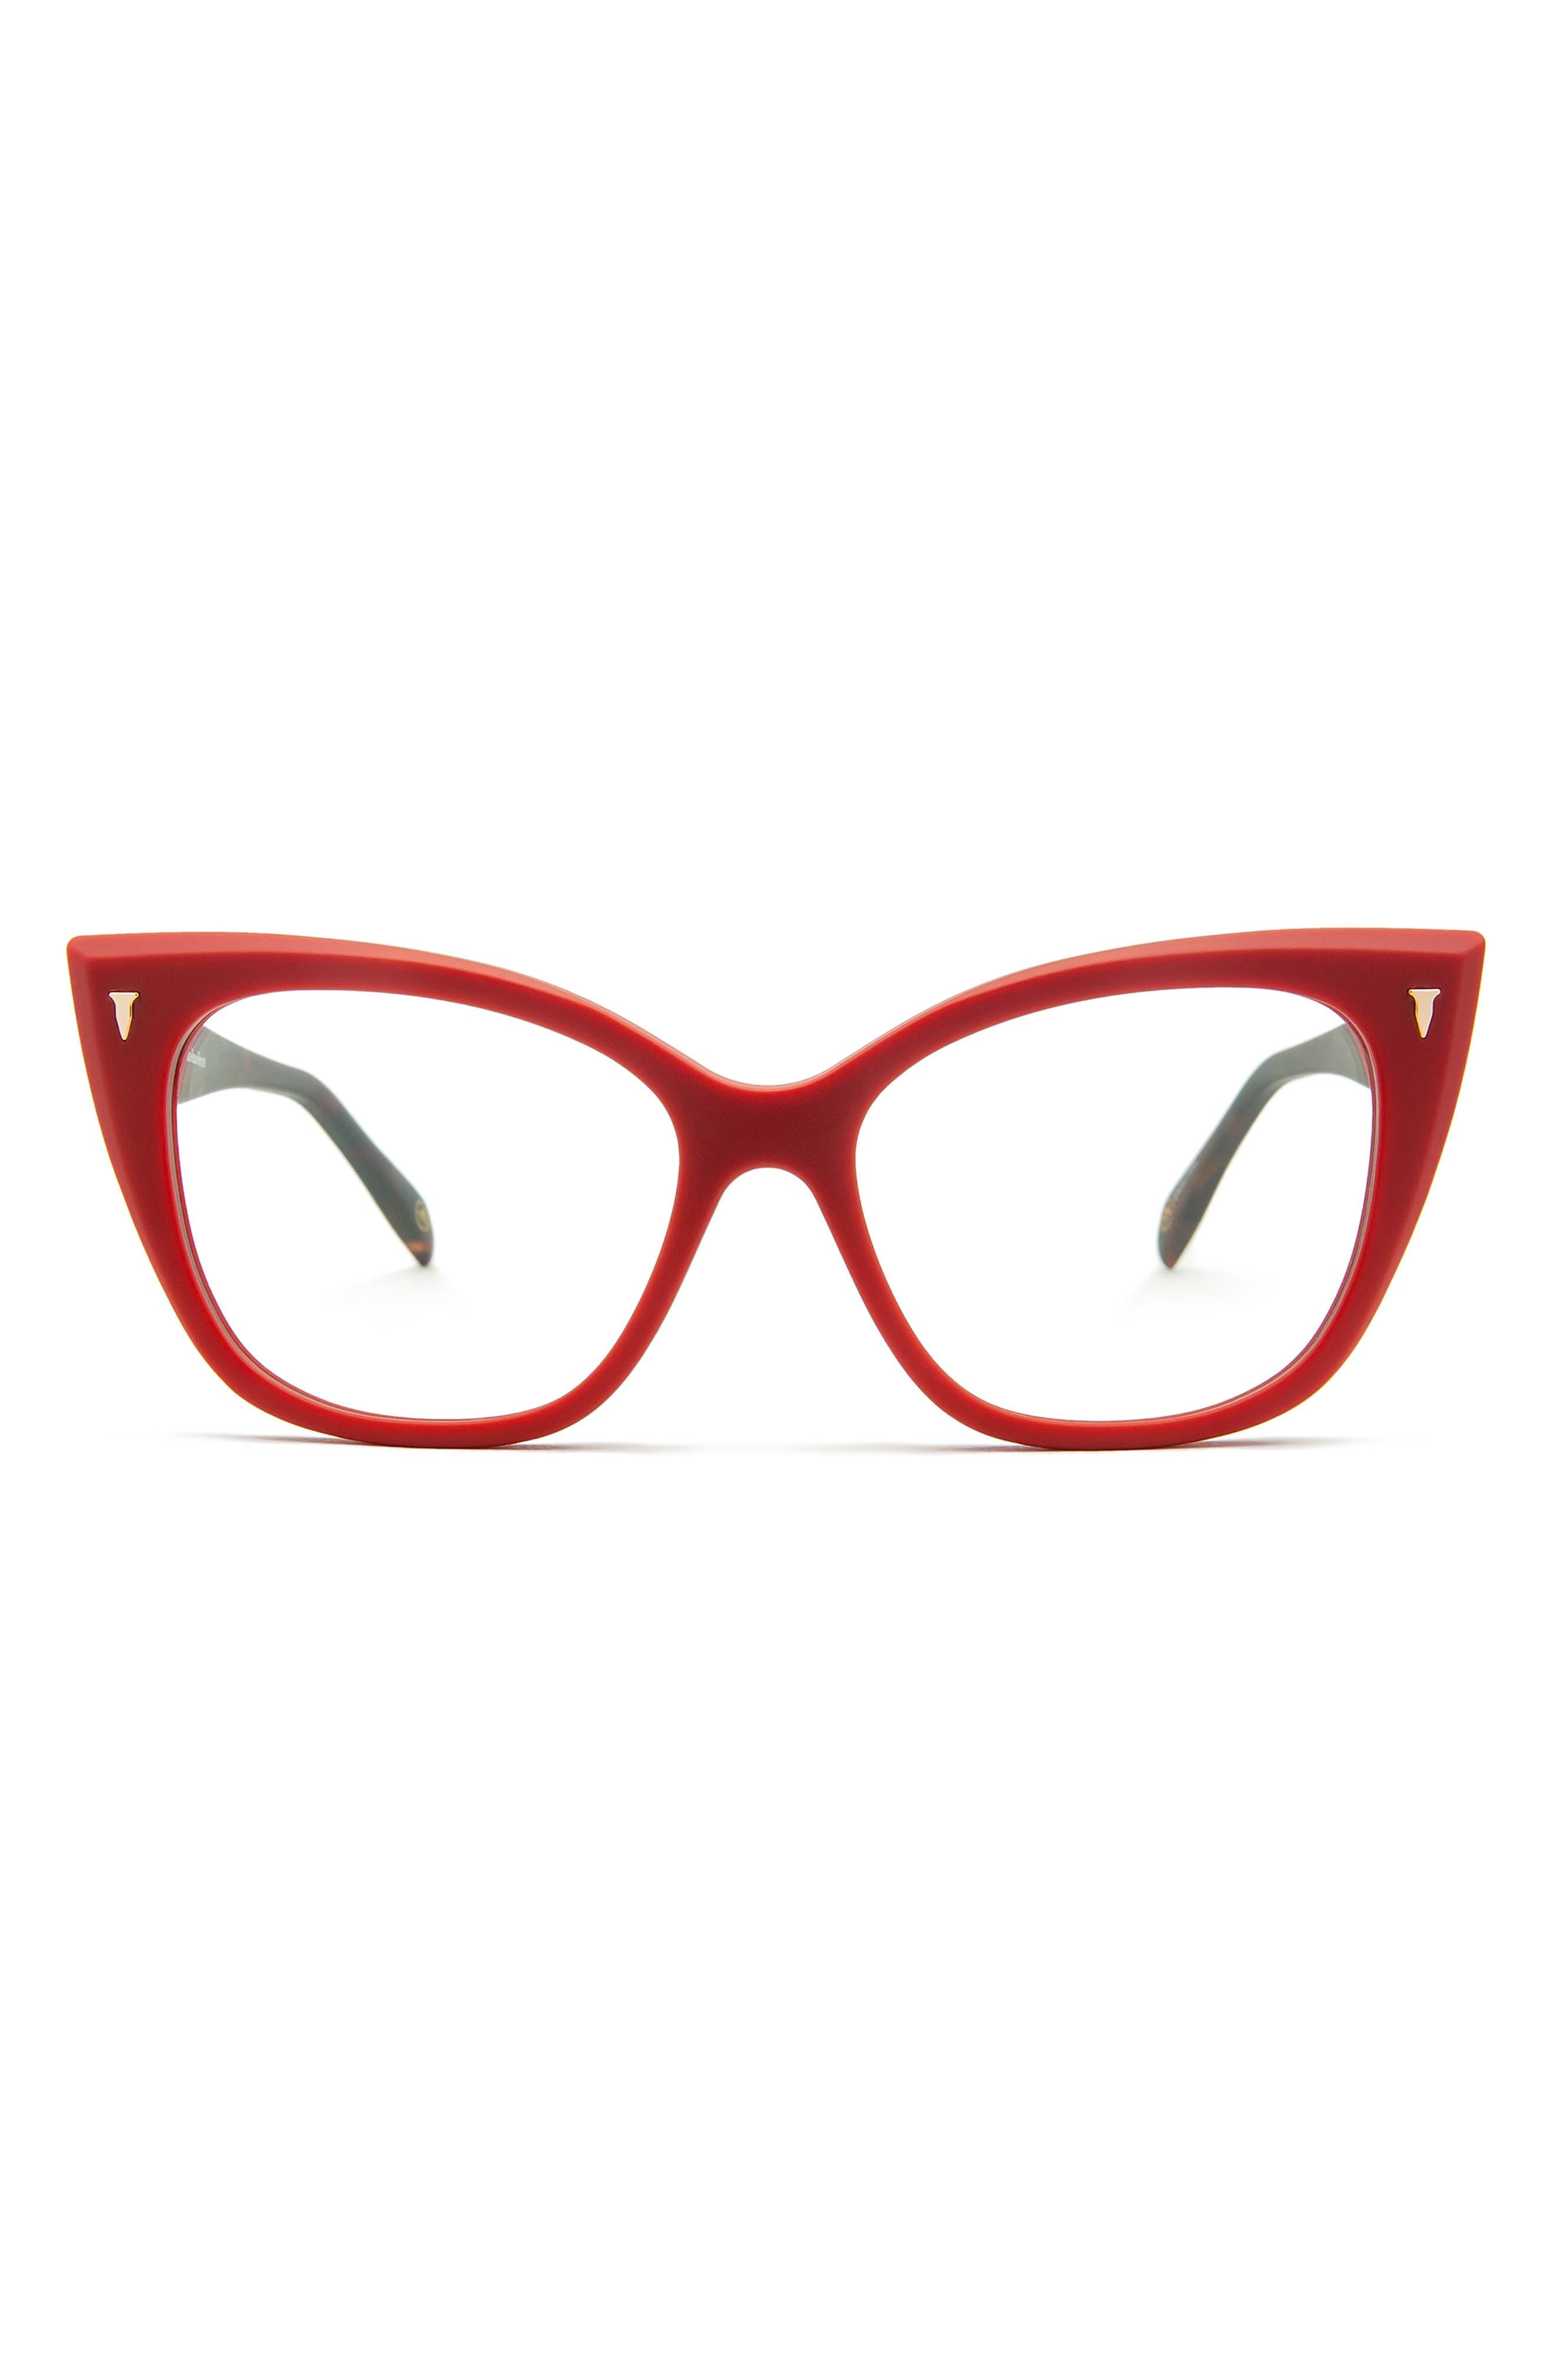 54mm Blue Light Blocking Cat Eye Glasses